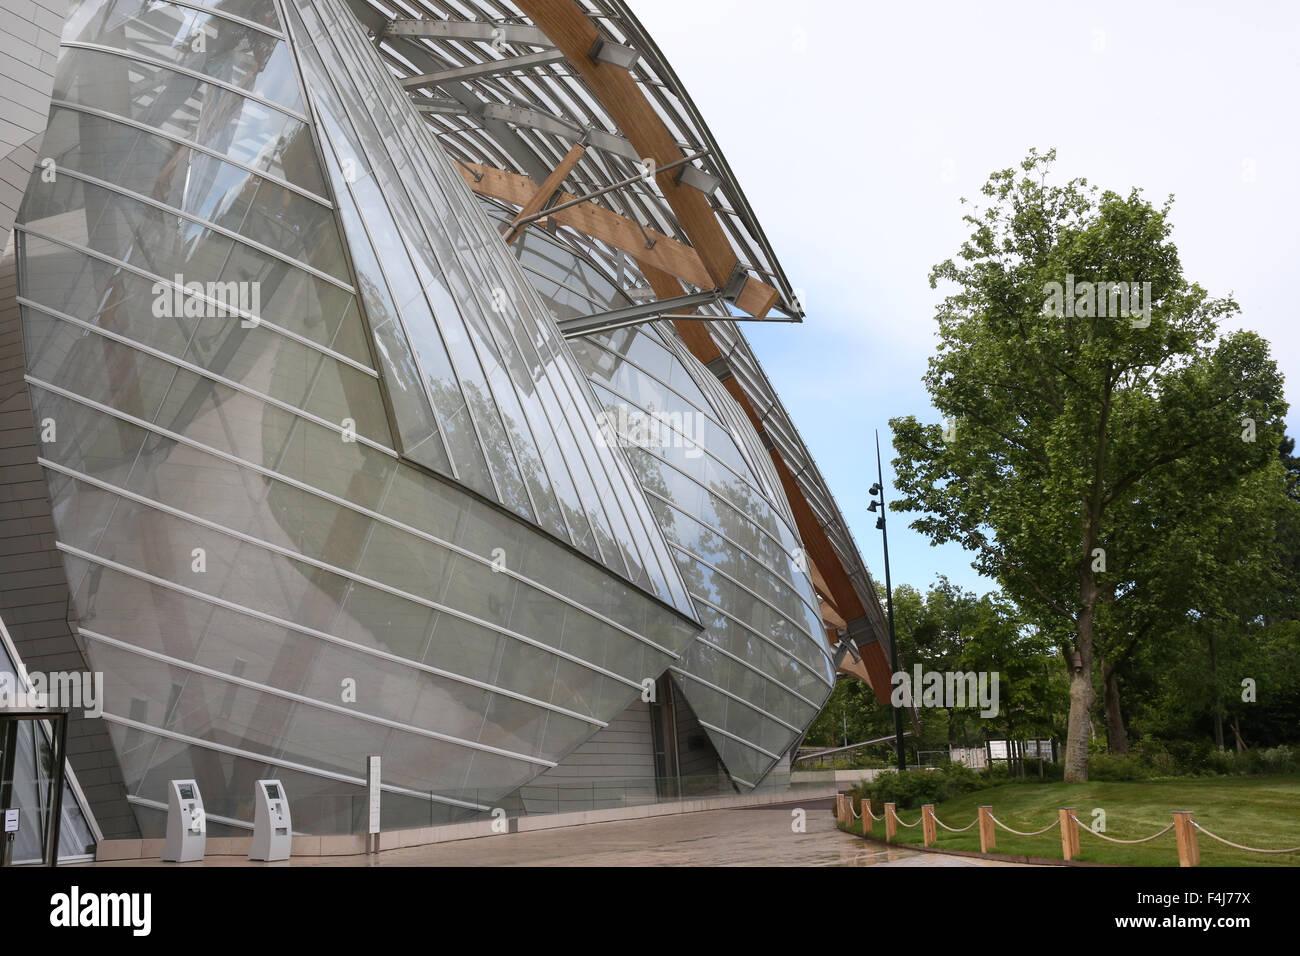 Louis Vuitton Foundation (Fondation Louis-Vuitton), Art Museum, Architect Frank Gehry, Paris, France, Europe - Stock Image